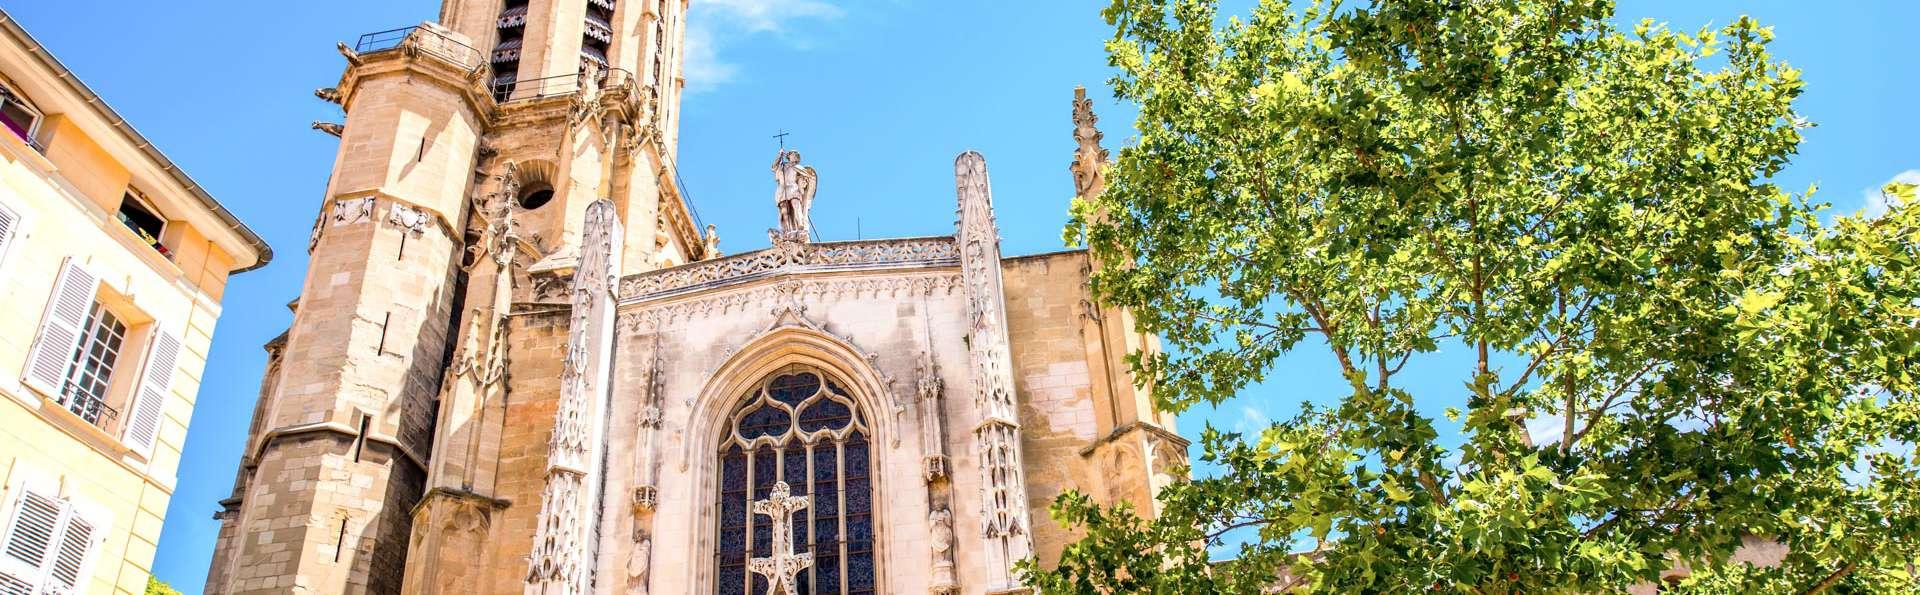 Allez à la découverte des saveurs provençales à Aix-en-Provence!